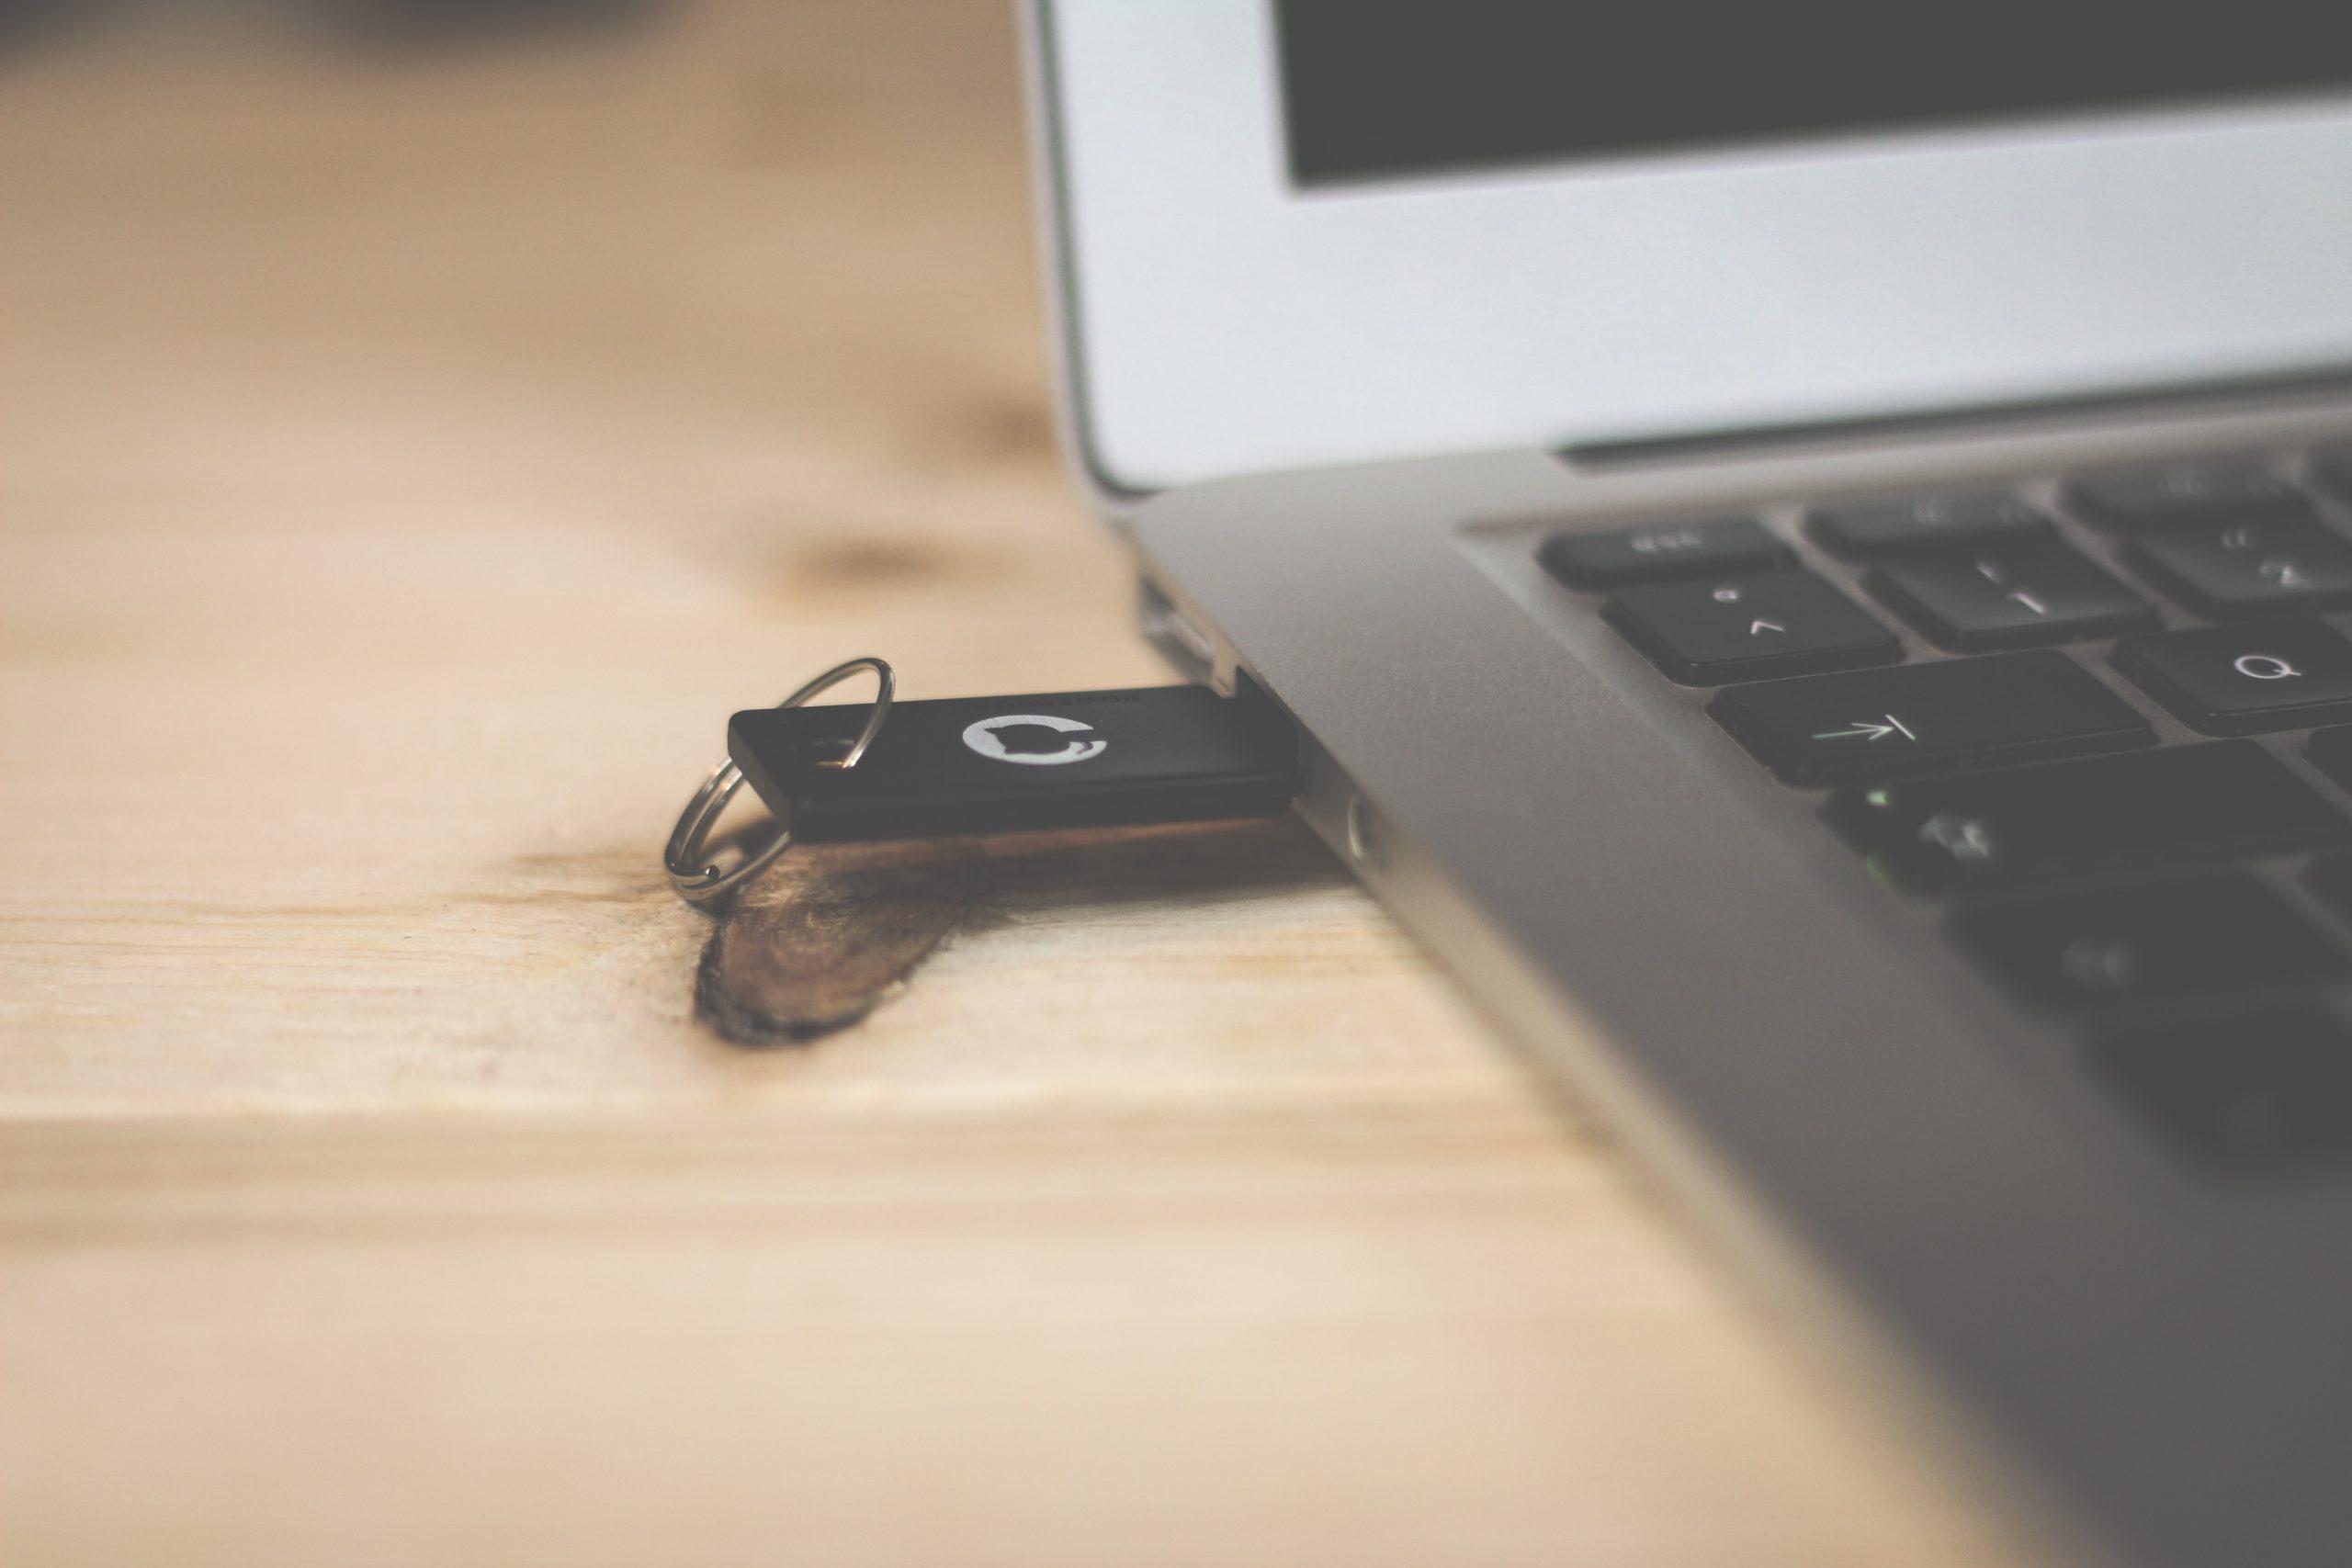 Imagem mostra um notebook com adaptador USB conectado.